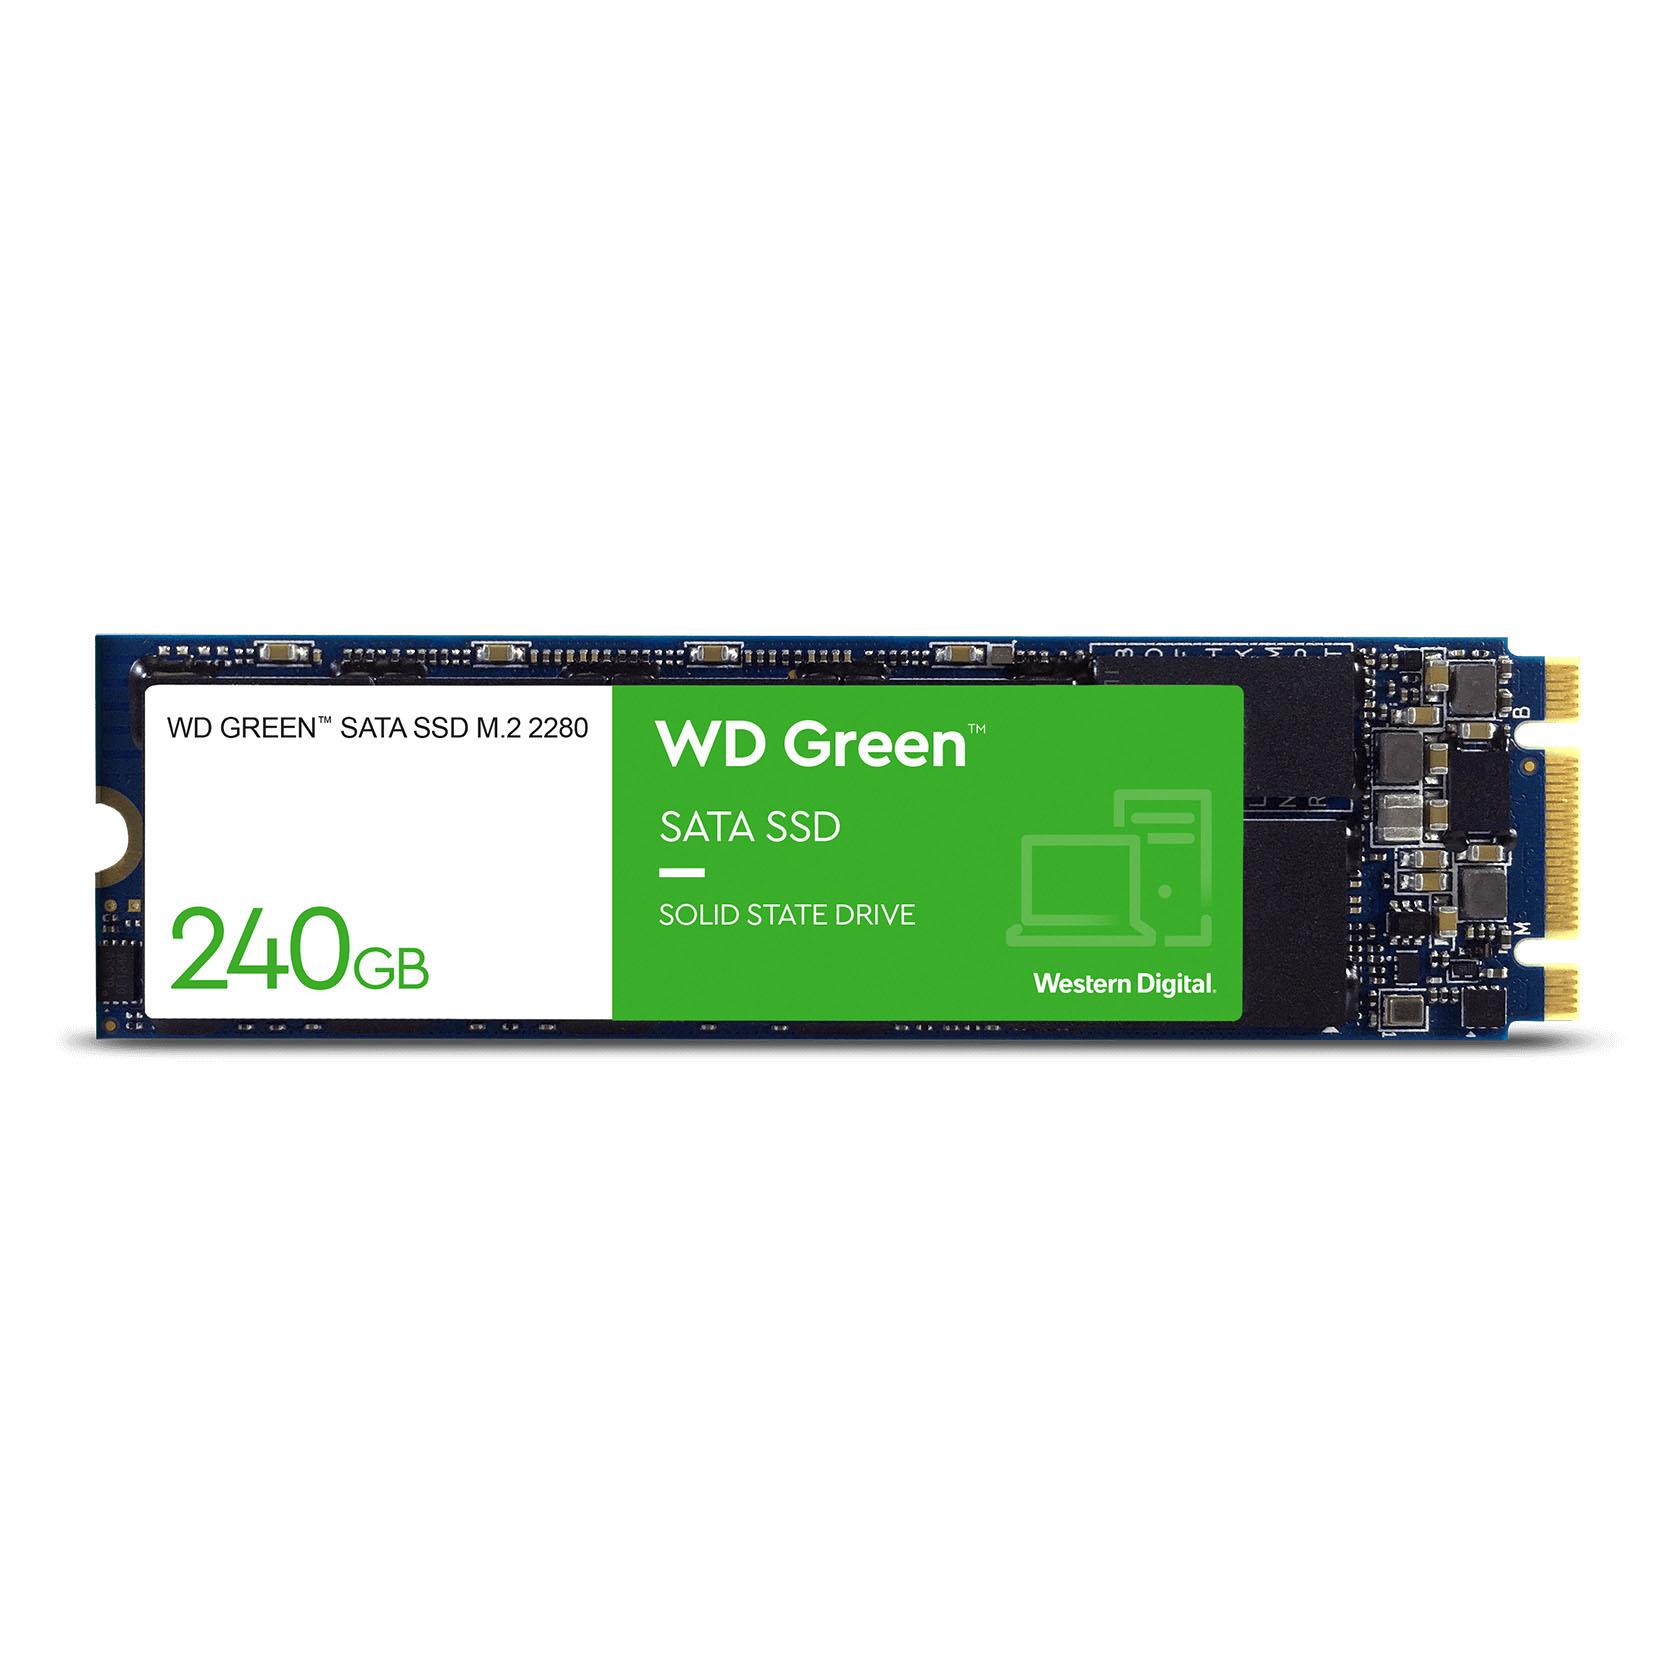 HDD SSD WD 240GB  SATA SSD M.2 GREEN 240G ,SSD HDD